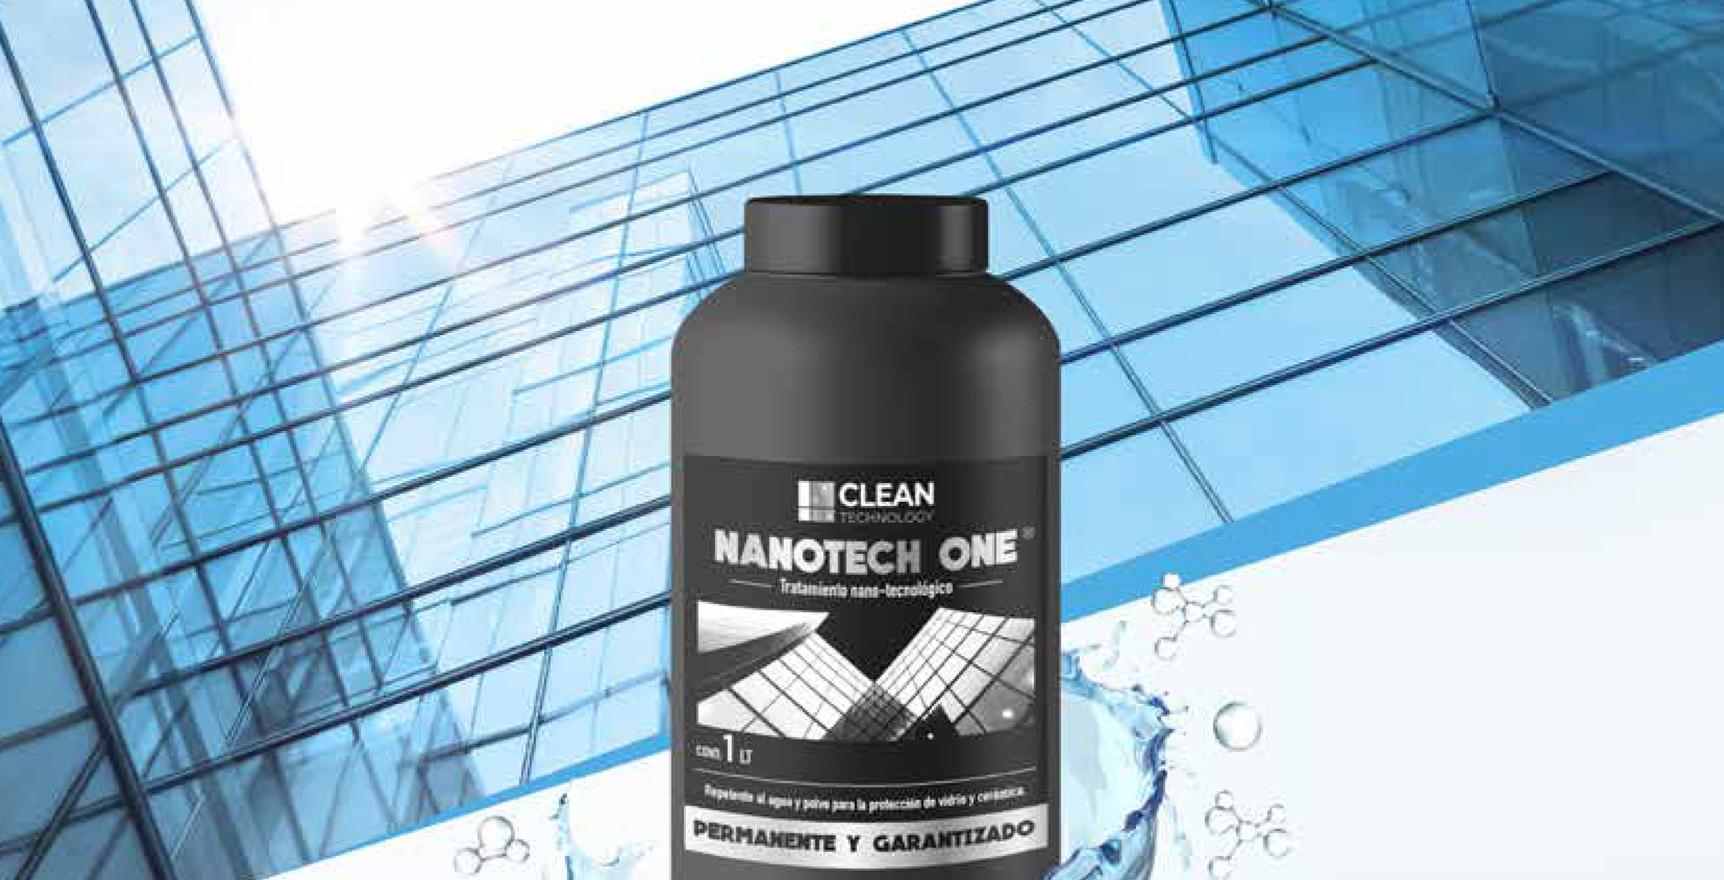 pres nanotech one en-1.jpg